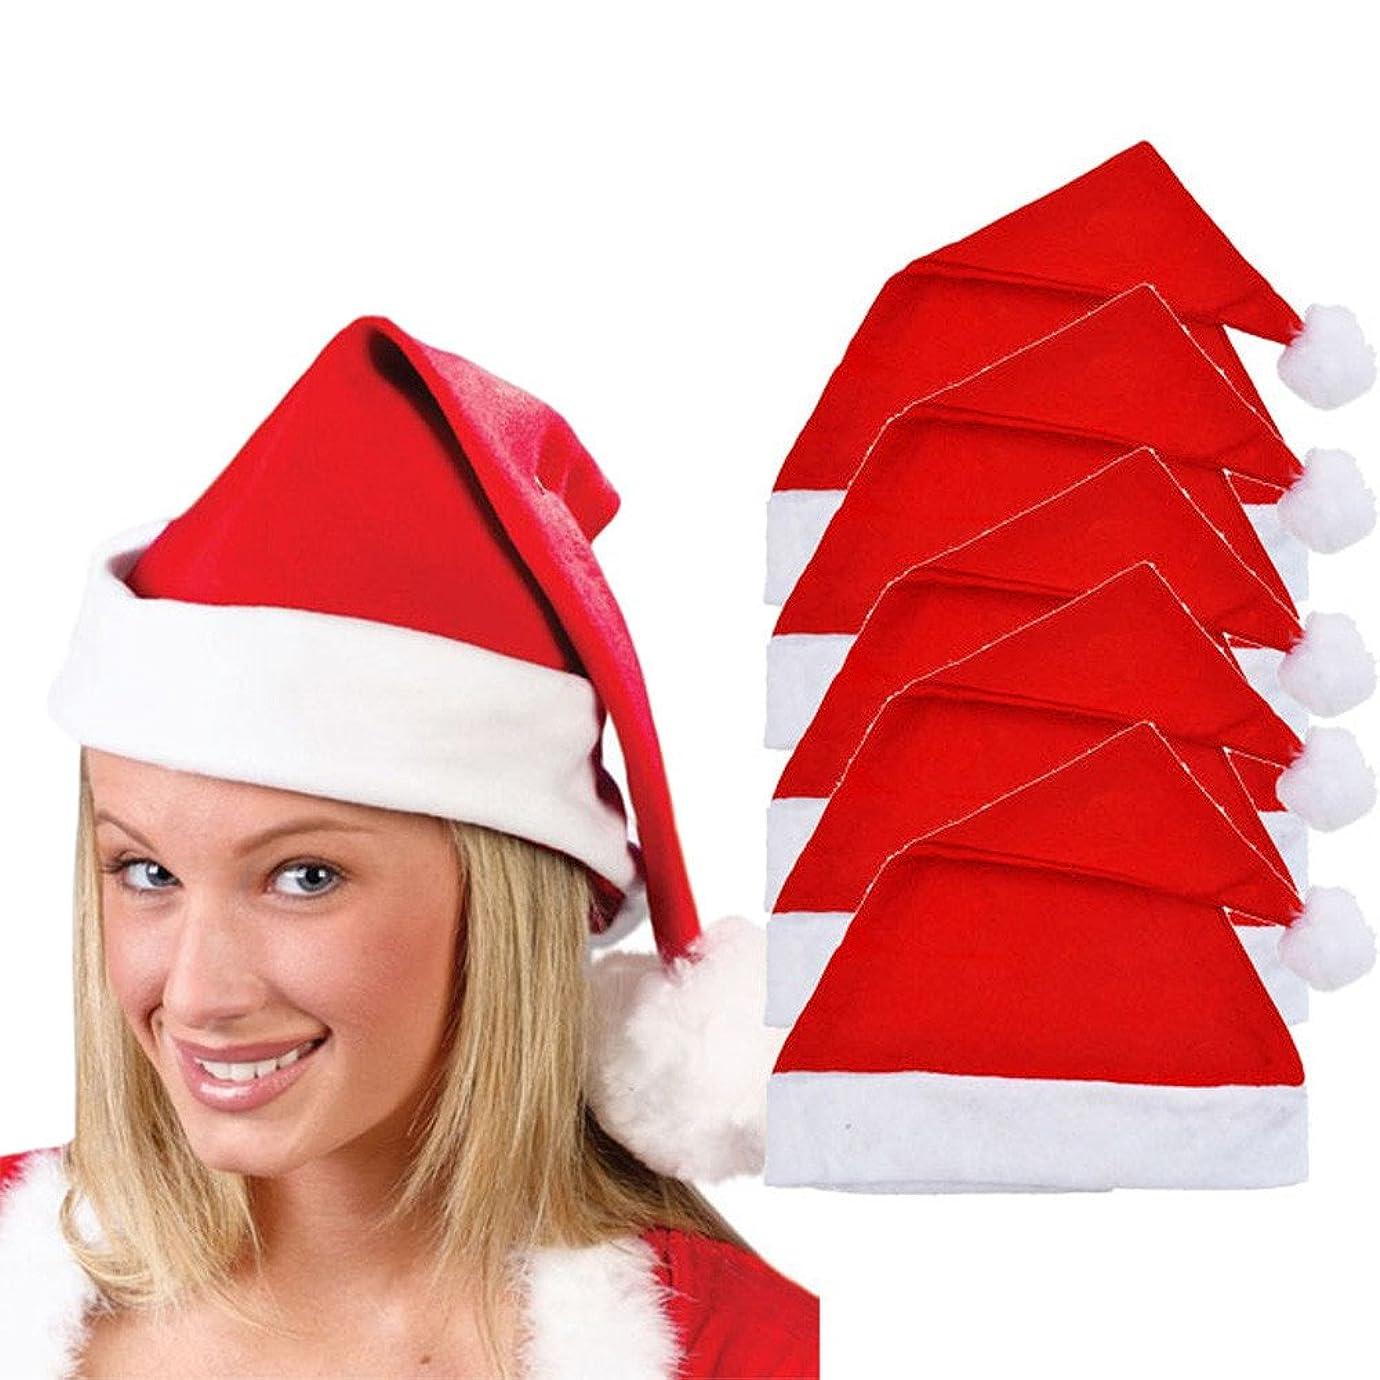 空の三番世界の窓Racazing クリスマスハット 5つの レッド Hat ライト ドームキャップ 防寒対策 通気性のある 防風 ニット帽 暖かい 軽量 屋外 スキー 自転車 クリスマス 男女兼用 Christmas Cap